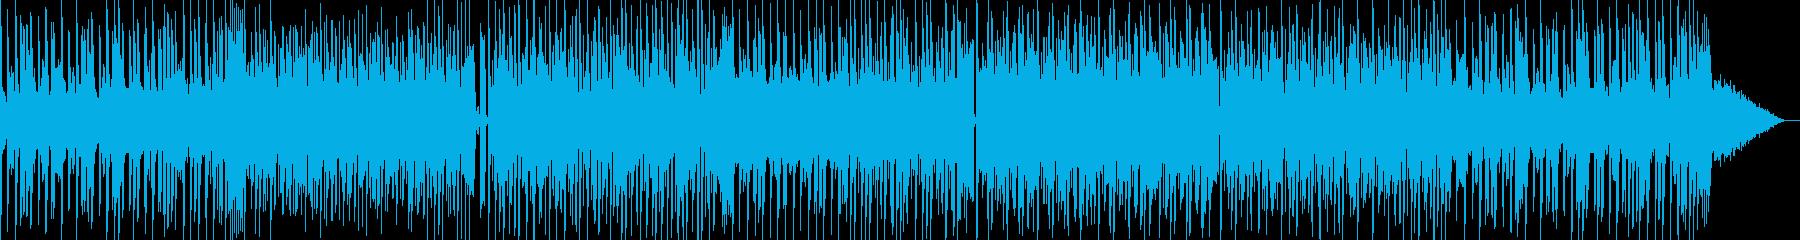 切ないリフと疾走感のあるリズムが印象的の再生済みの波形